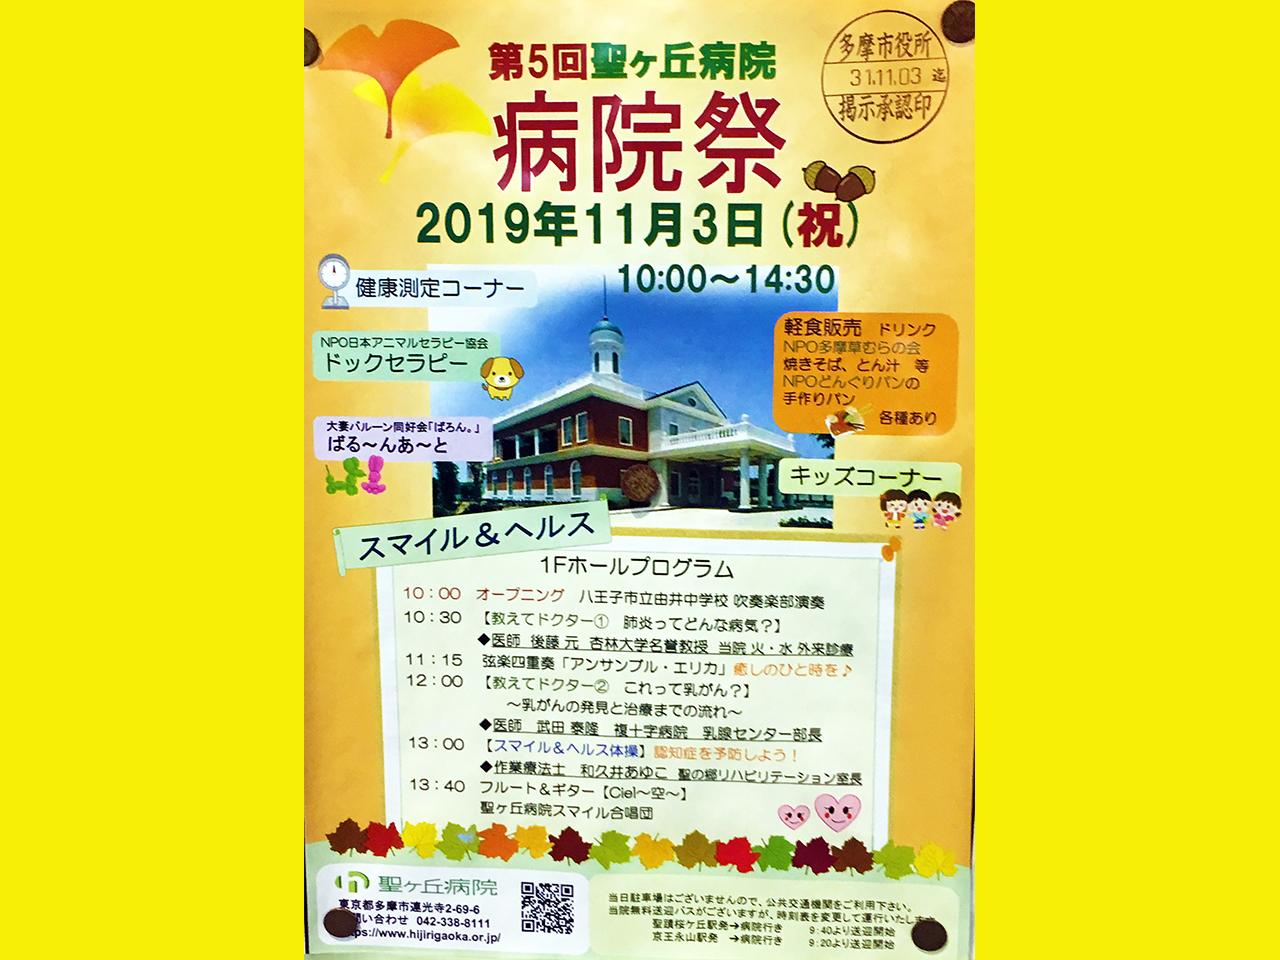 桜ヶ丘病院の病院祭